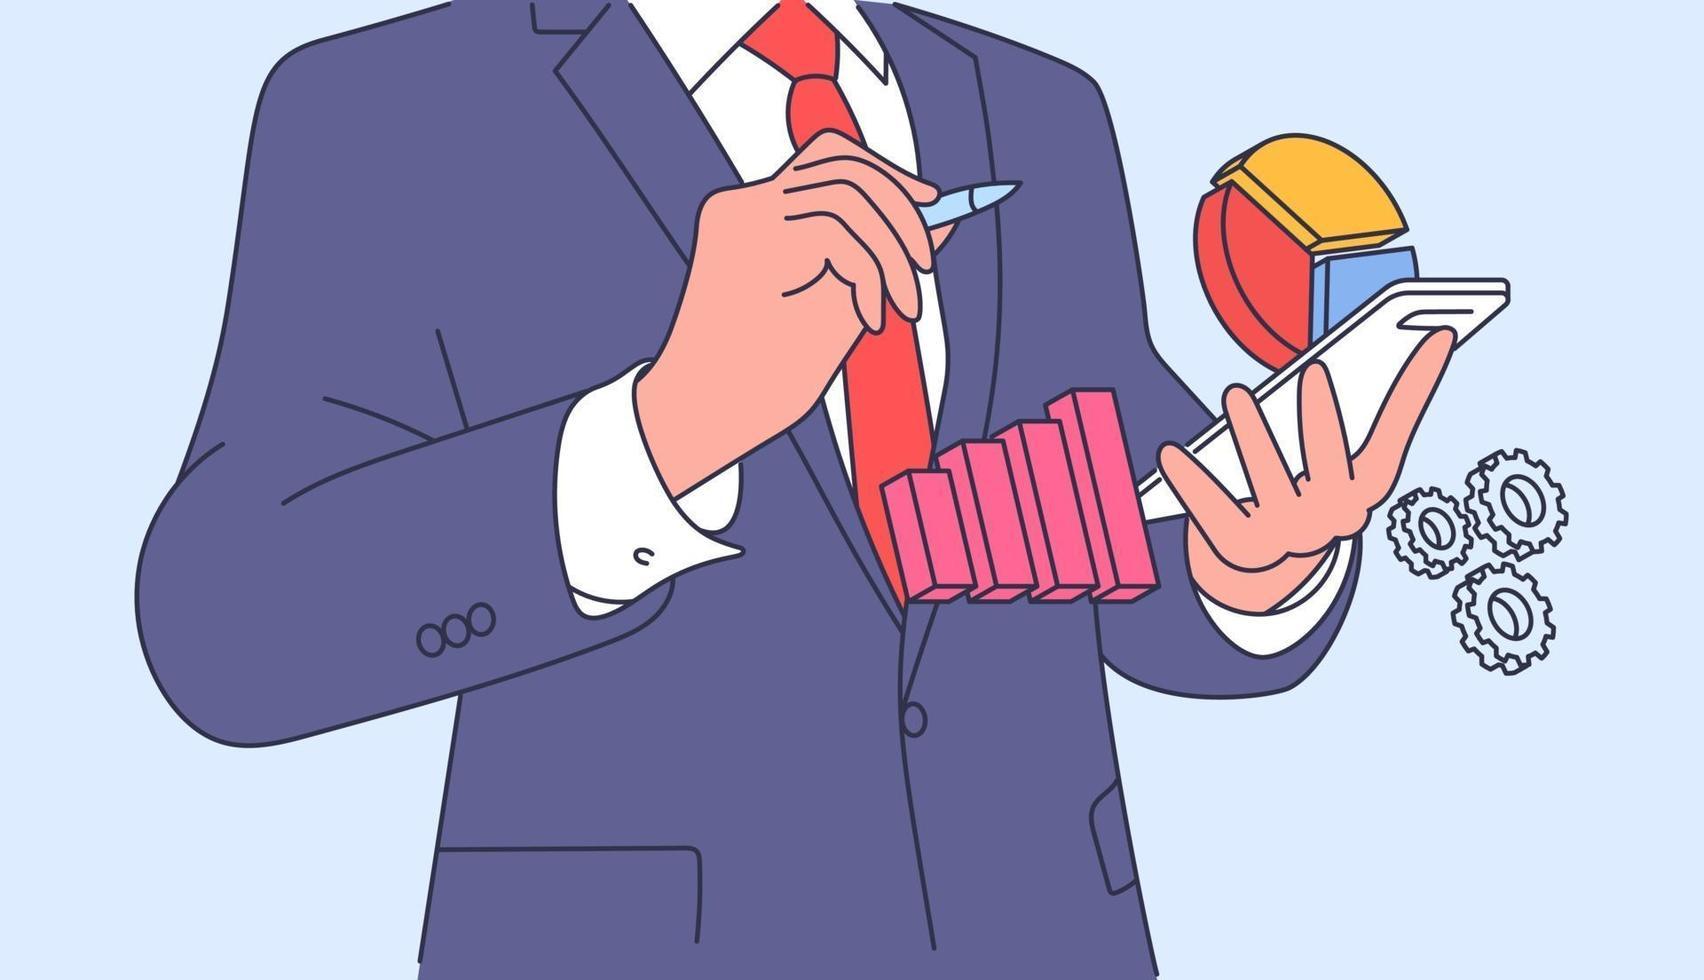 analys, affärsplan koncept. affärsman kontorist chef planering och brainstorming. platt vektorillustration vektor